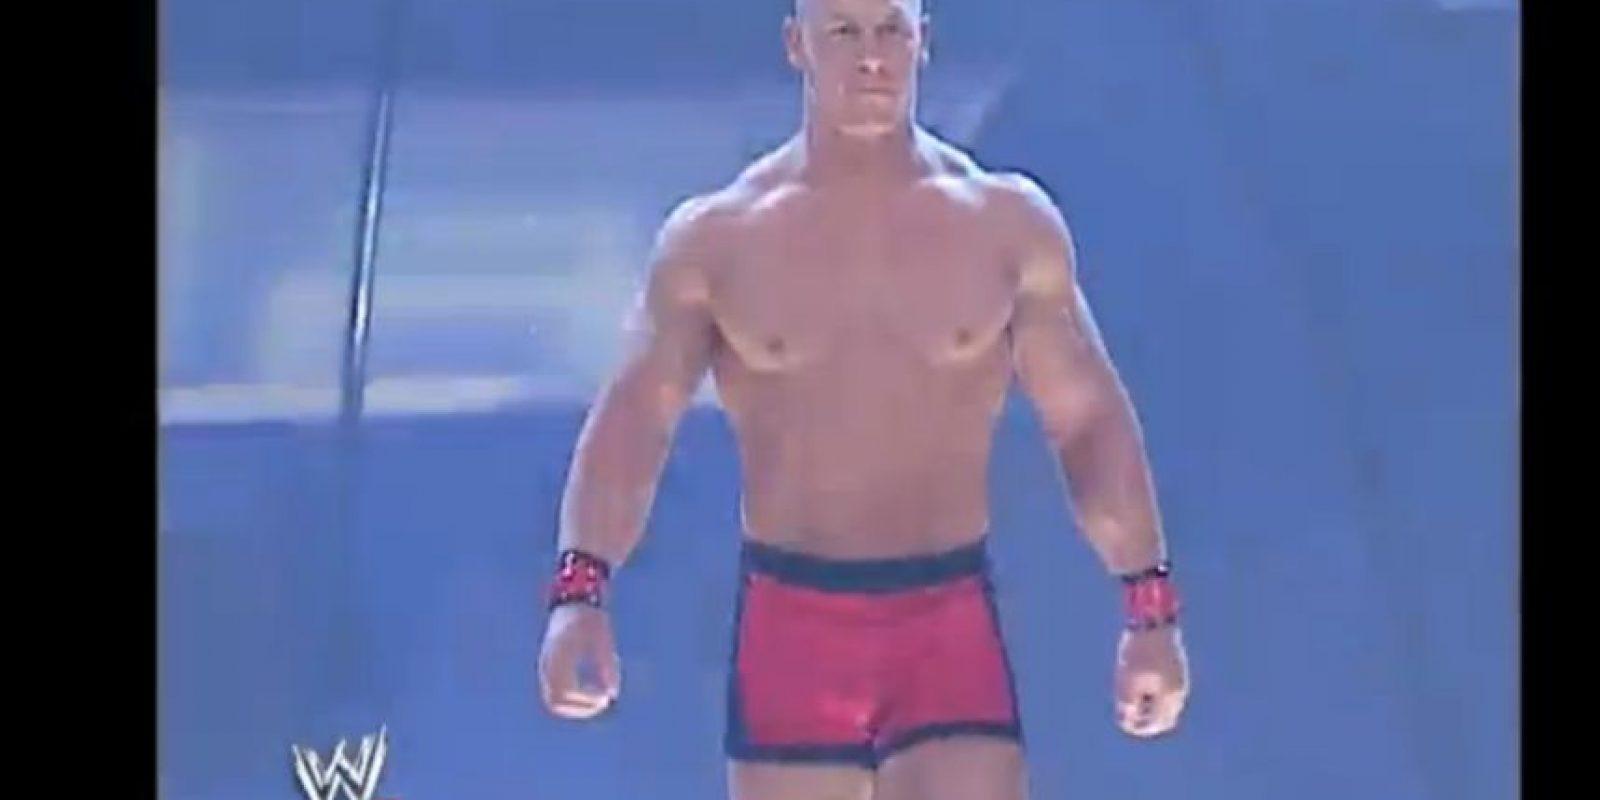 Contestó el reto abierto de Kurt Angle, el 27 de junio de 2002 Foto:WWE. Imagen Por: